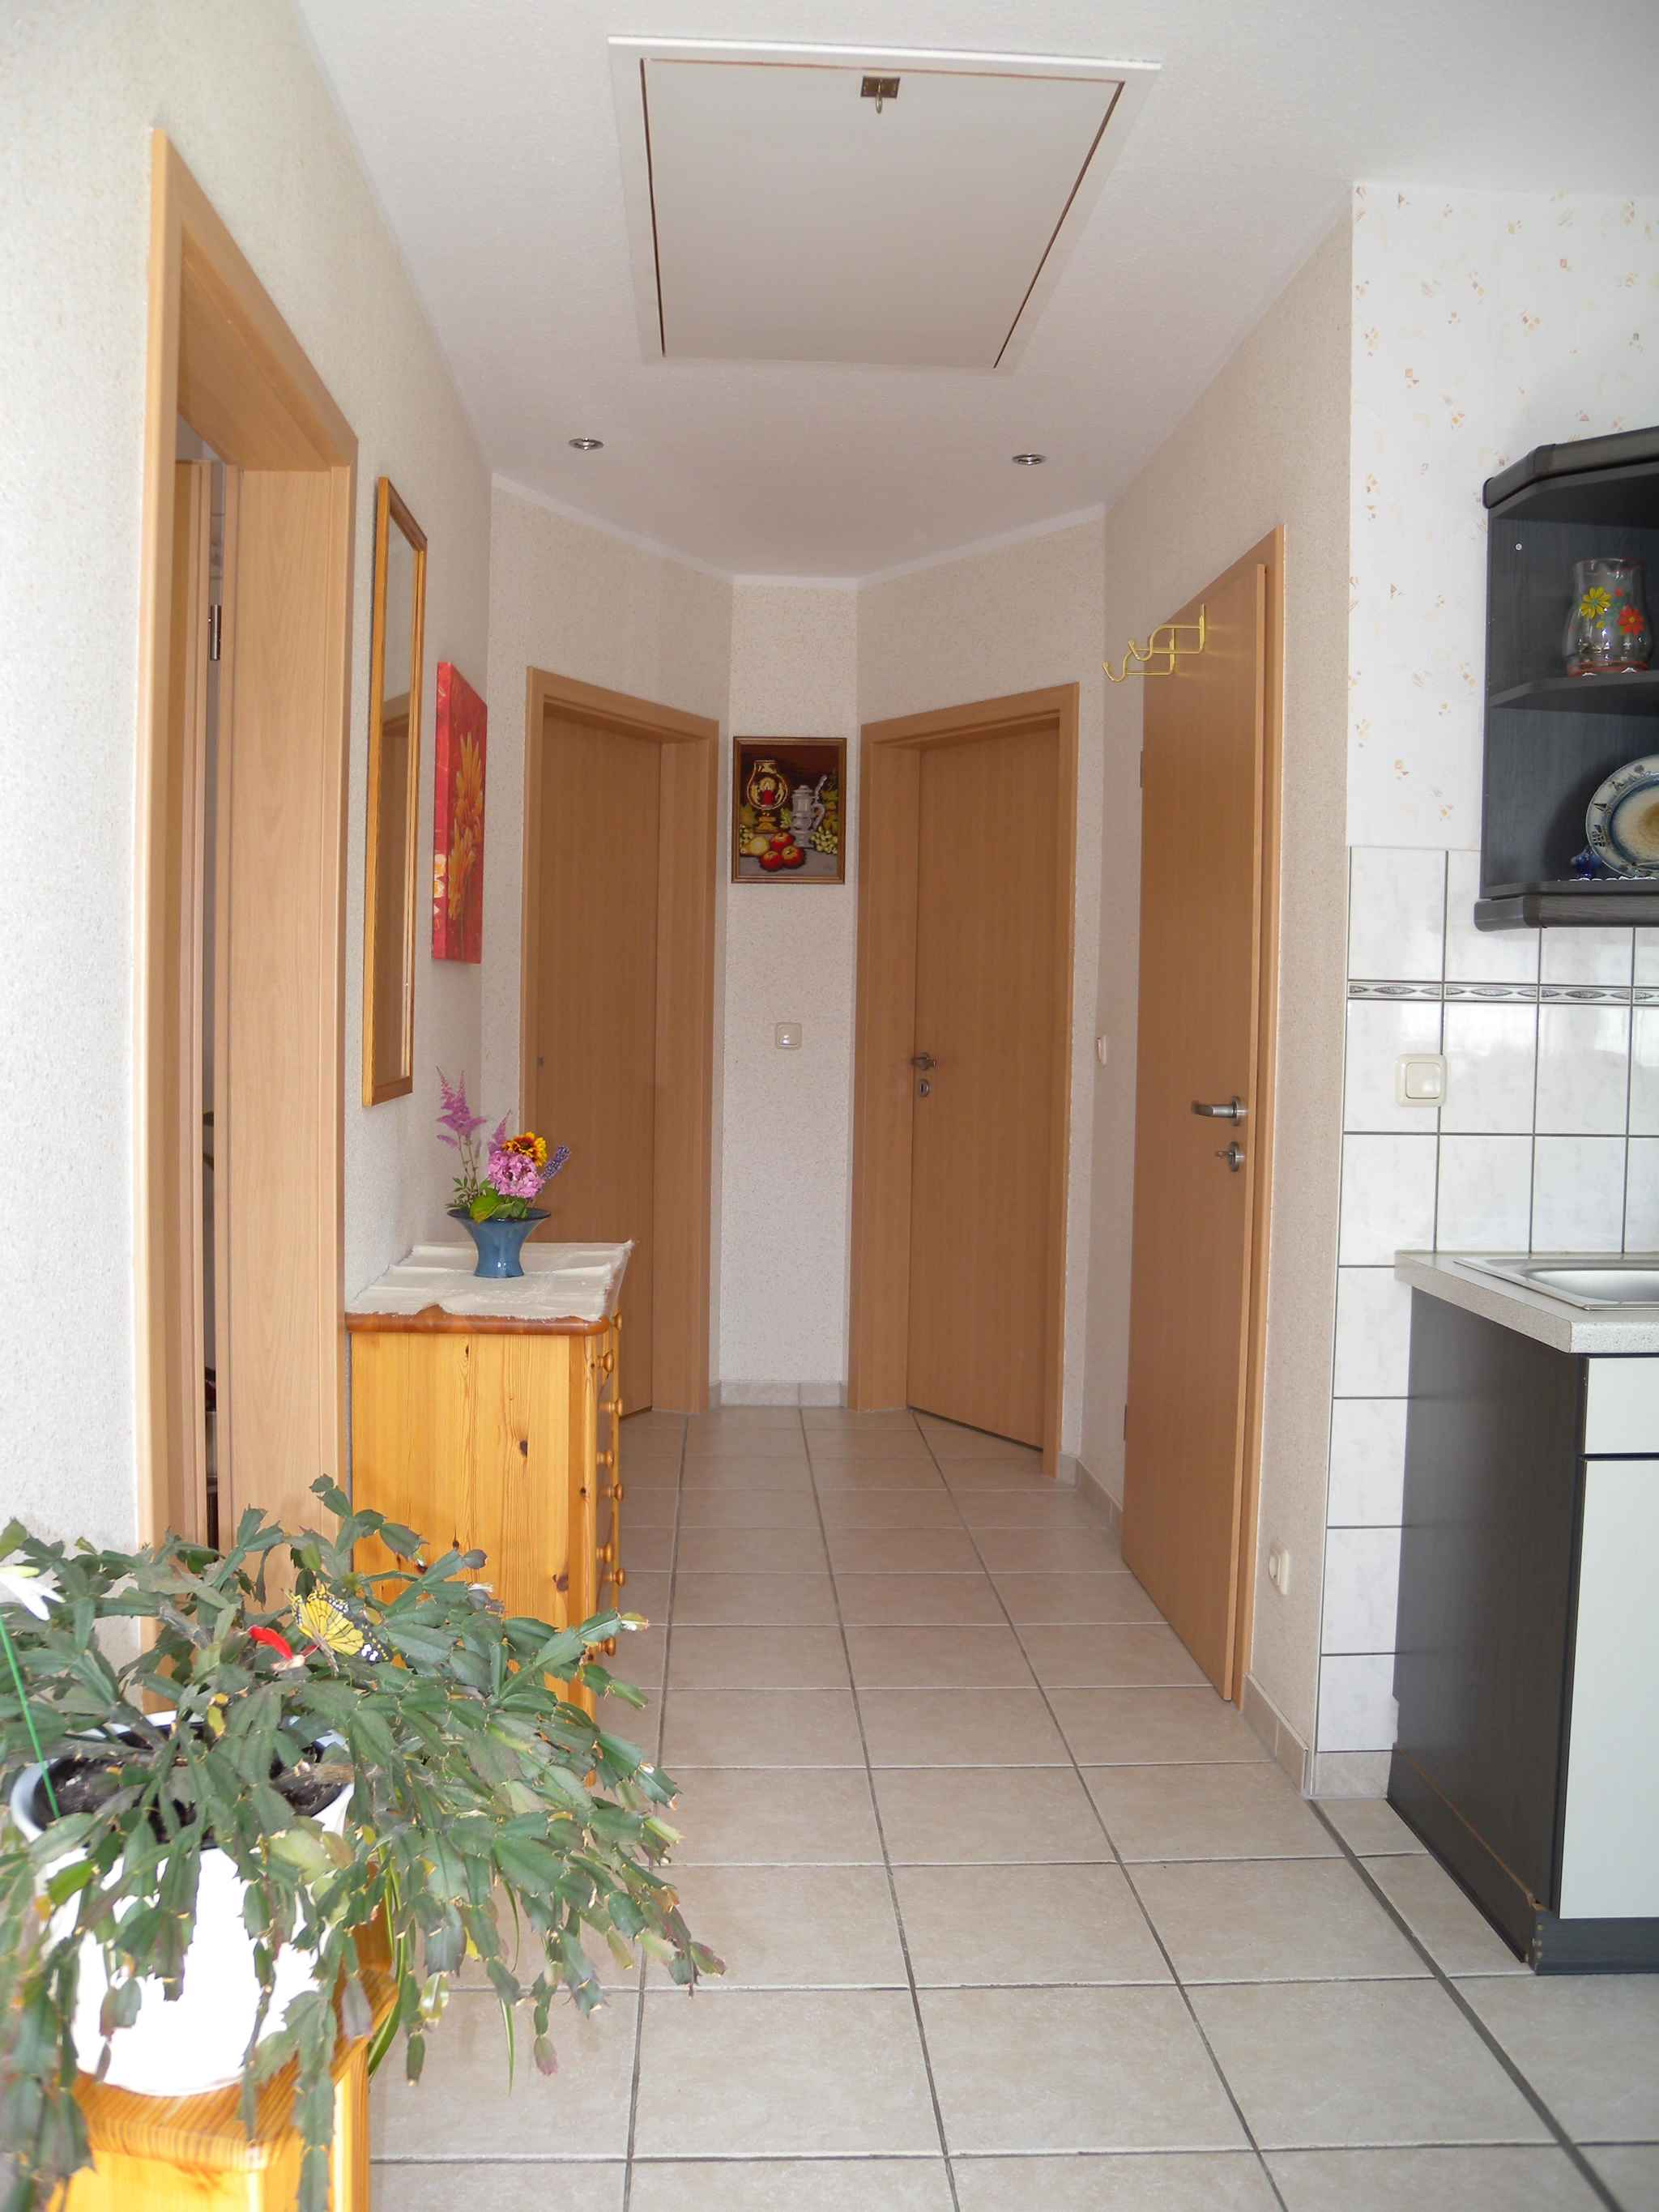 Ferienhaus Bungalow Ferienhaus mit Terrasse und Garten (358672), Bergen (Rügen), Rügen, Mecklenburg-Vorpommern, Deutschland, Bild 12